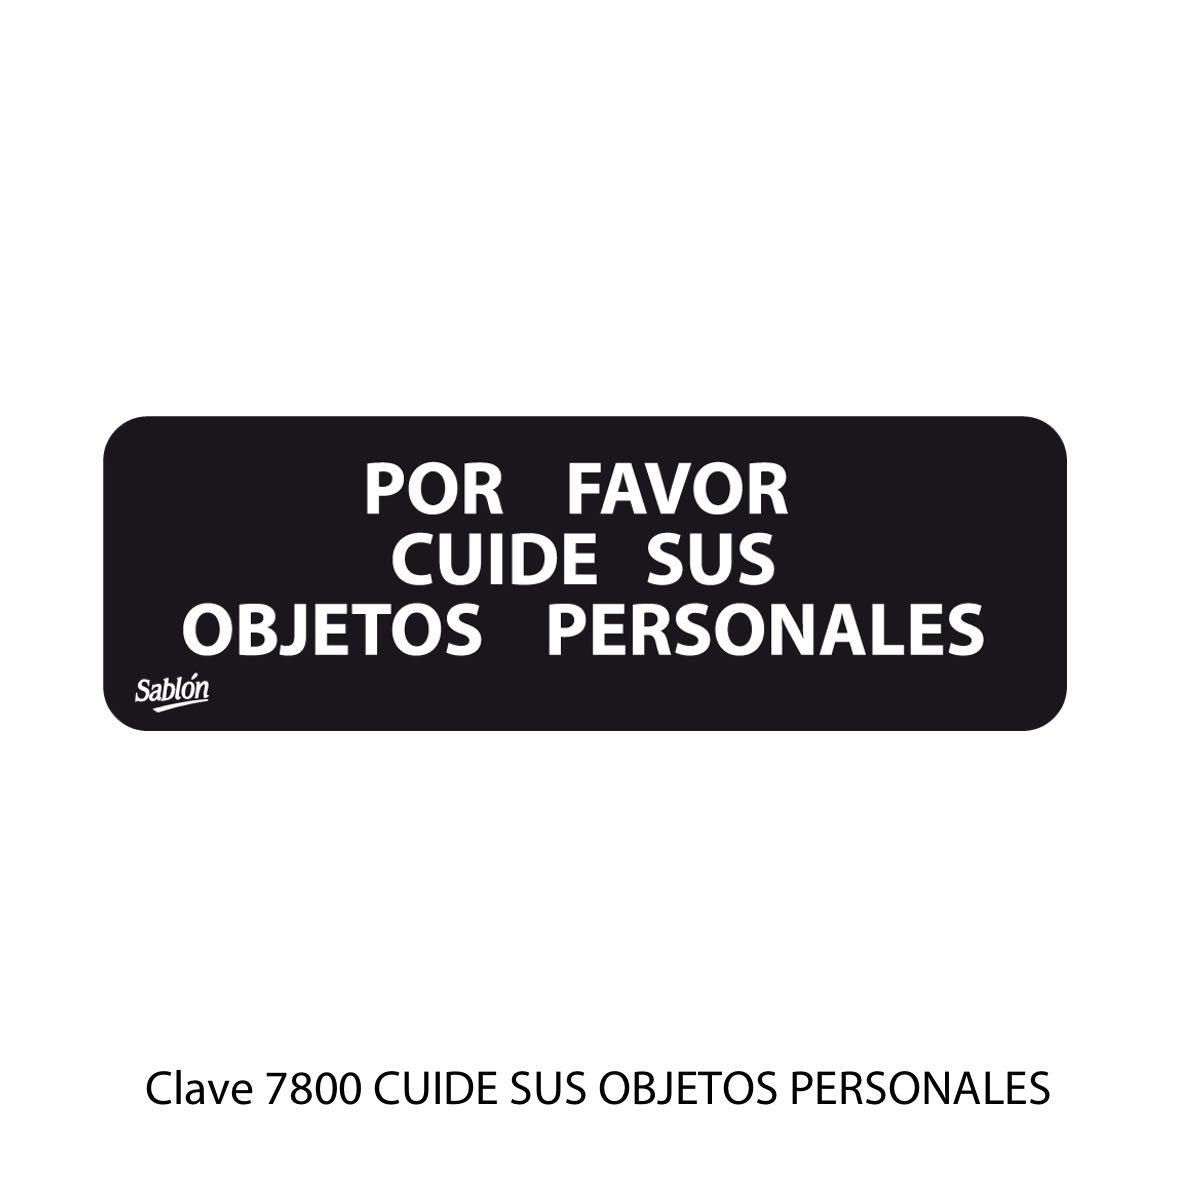 Señal Cuide sus Objetos Personales Modelo 7800 - Sablón